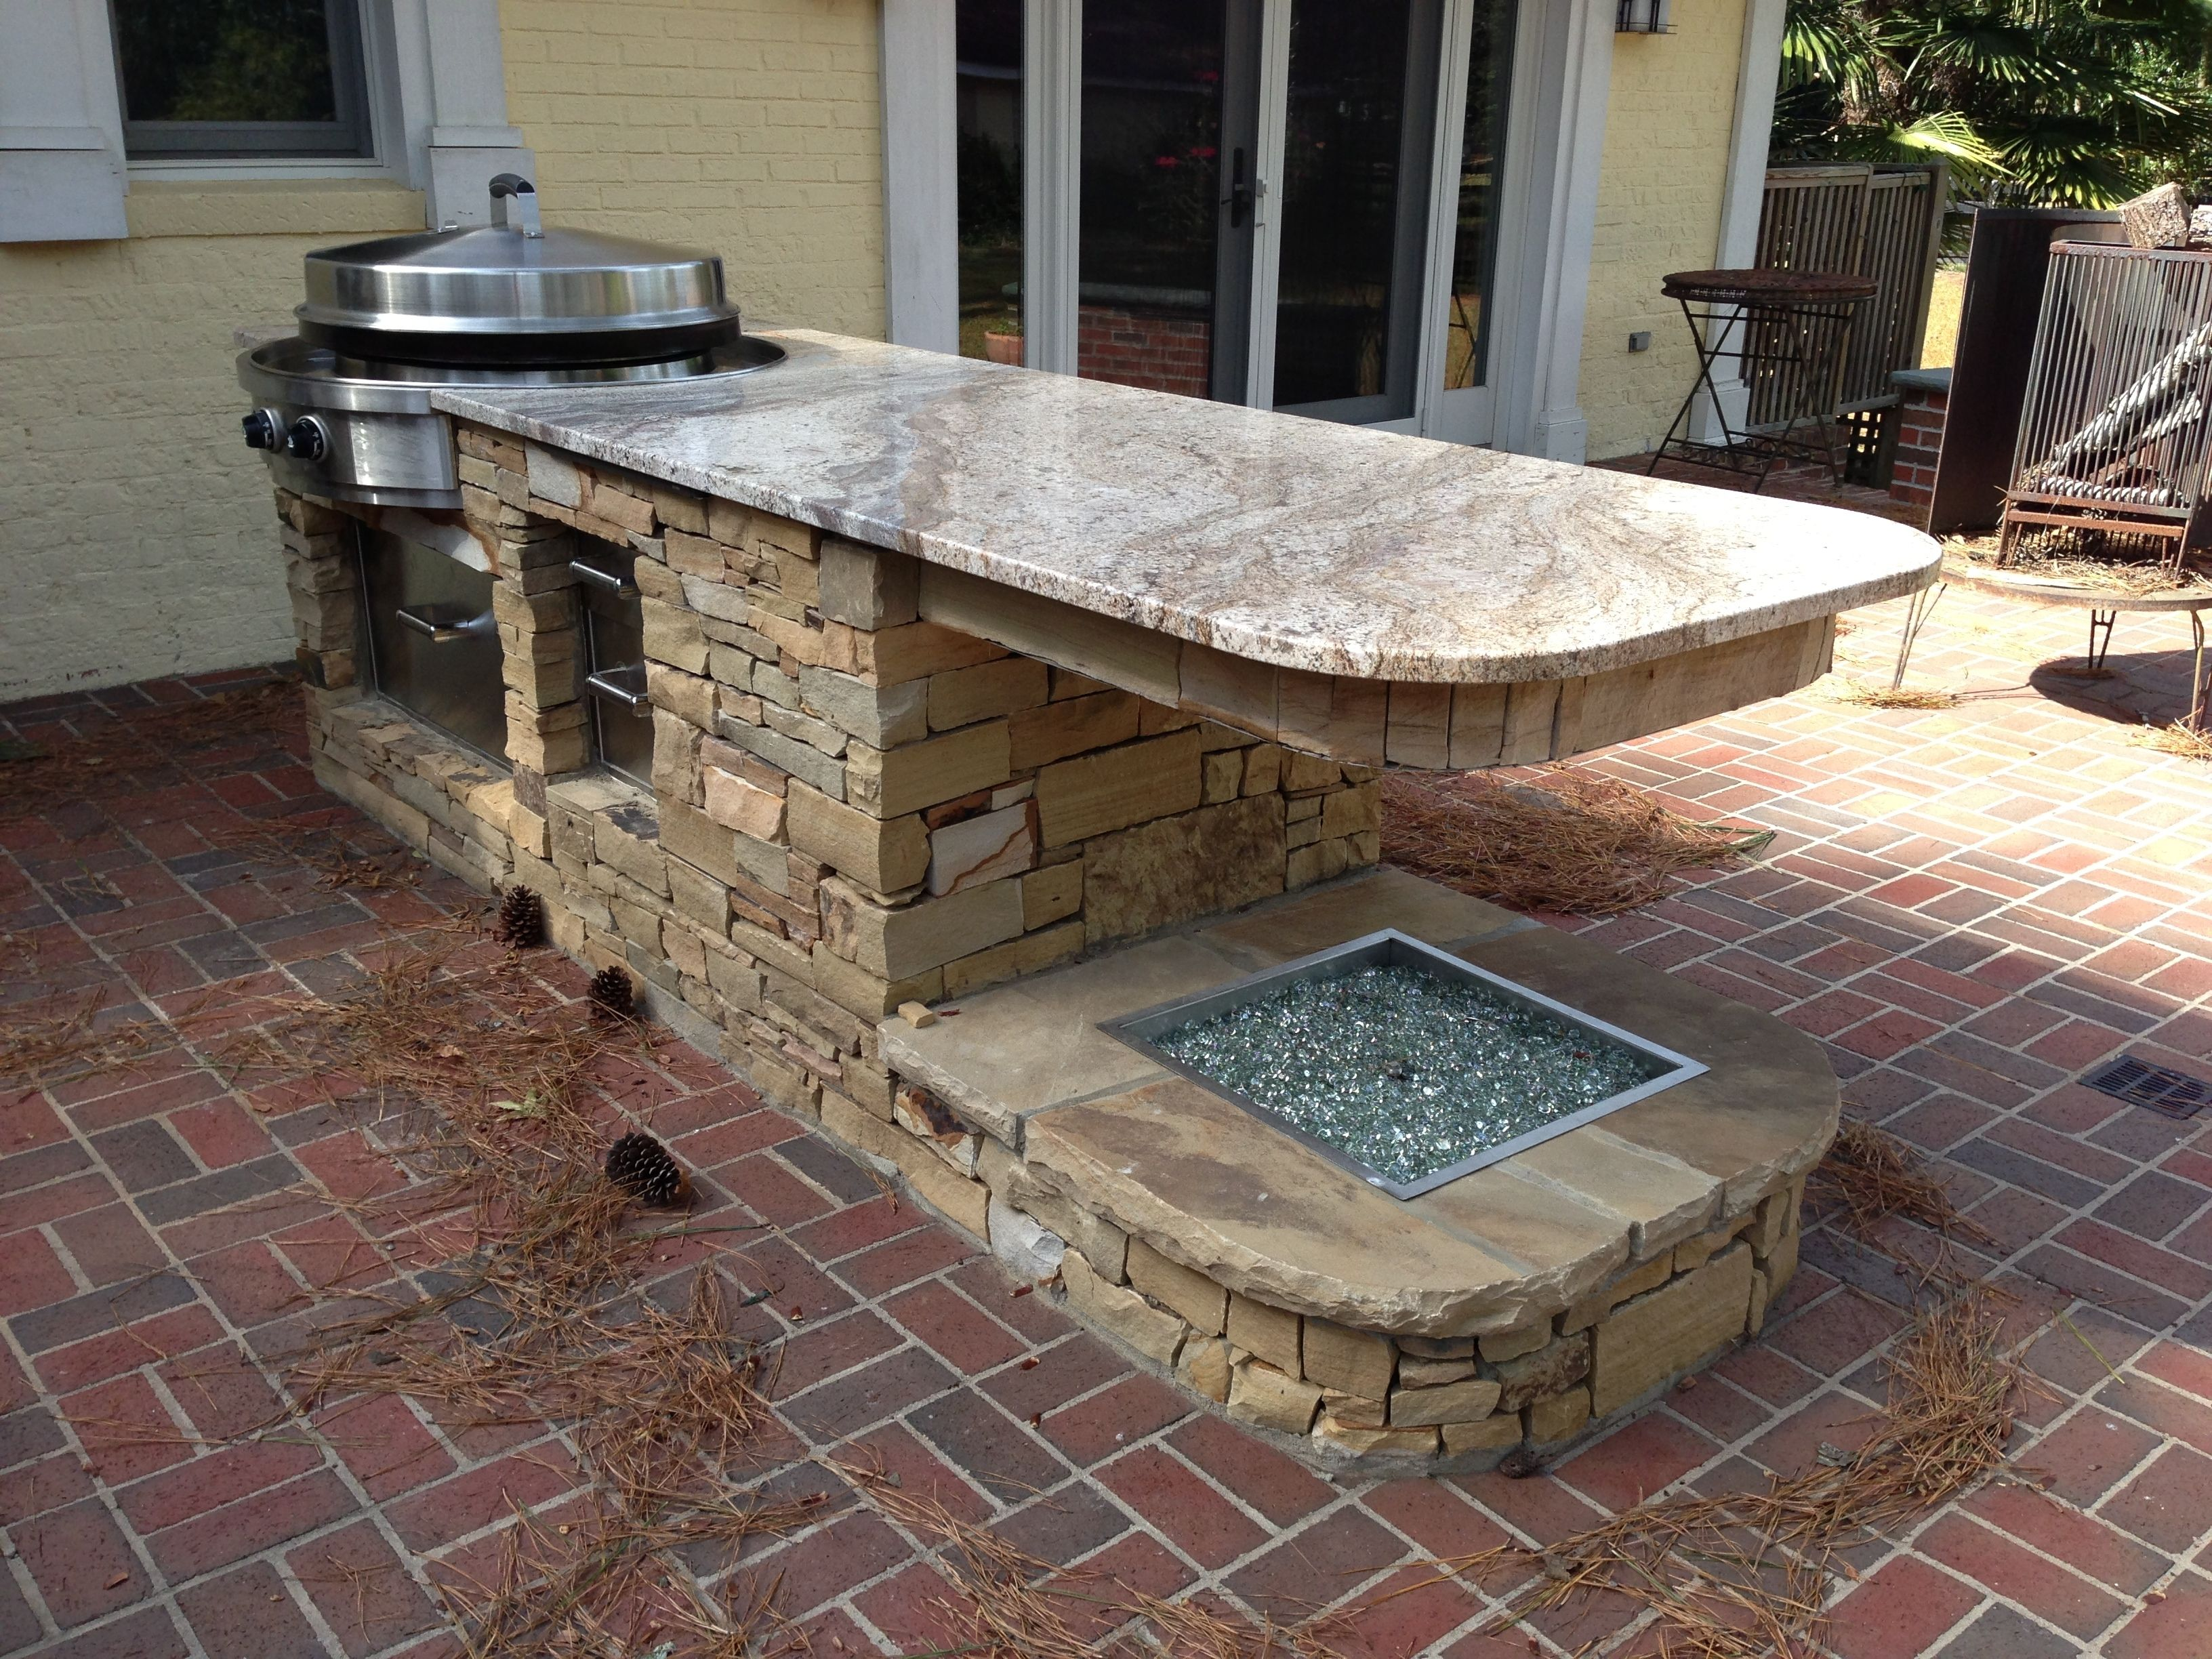 Arbeitsplatte Küche Outdoor Pine : Spannende outdoor küche arbeitsplatten optionen küche muebles